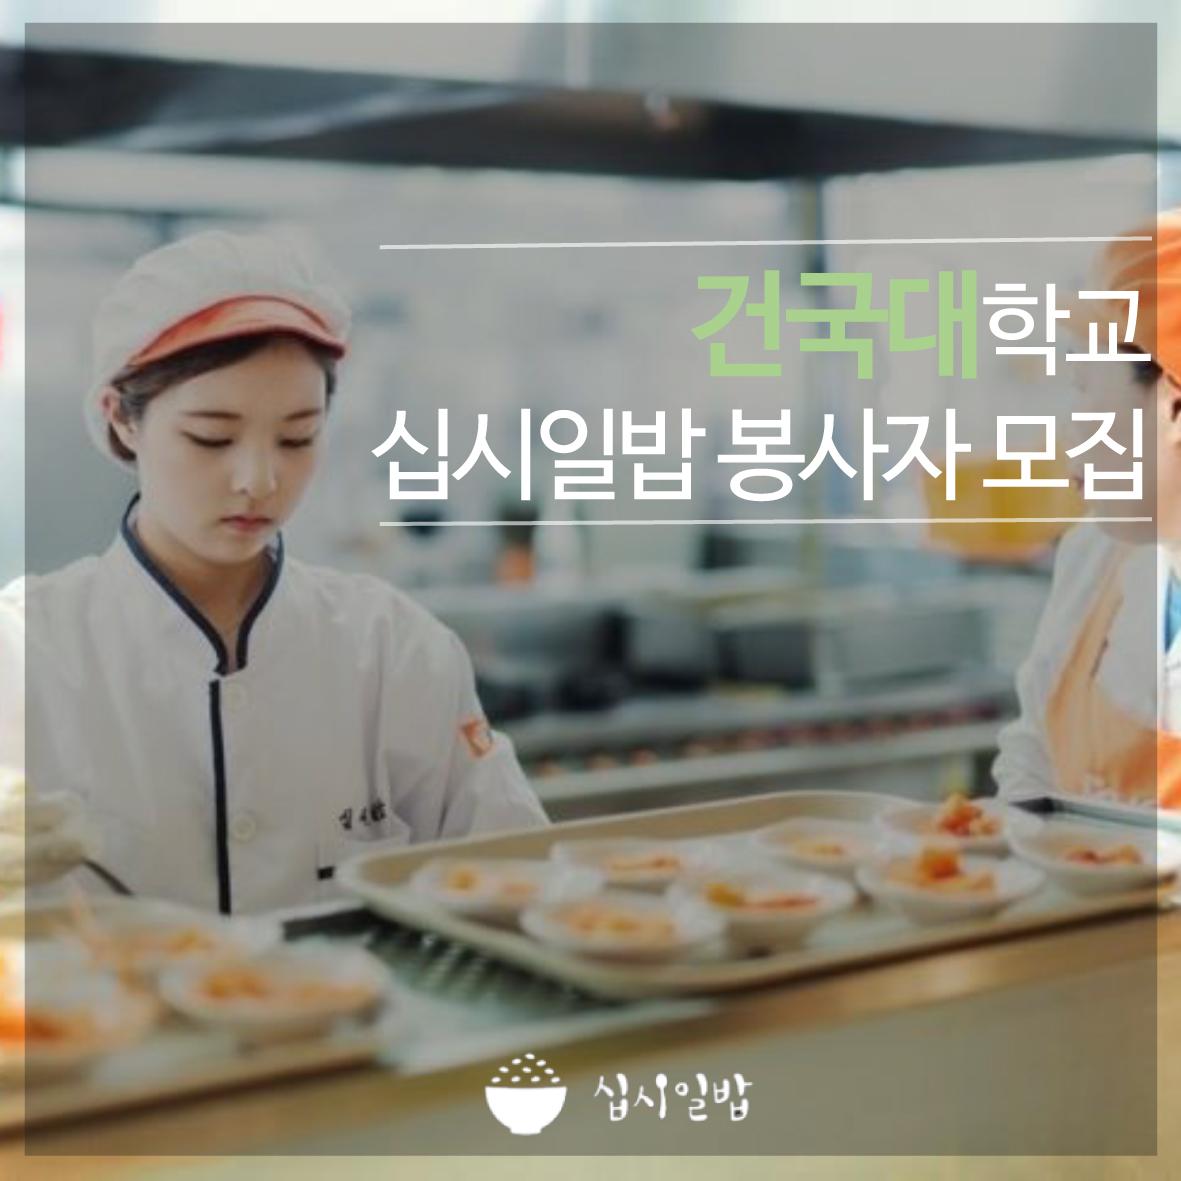 십시일밥 카드뉴스_완성-1.jpg